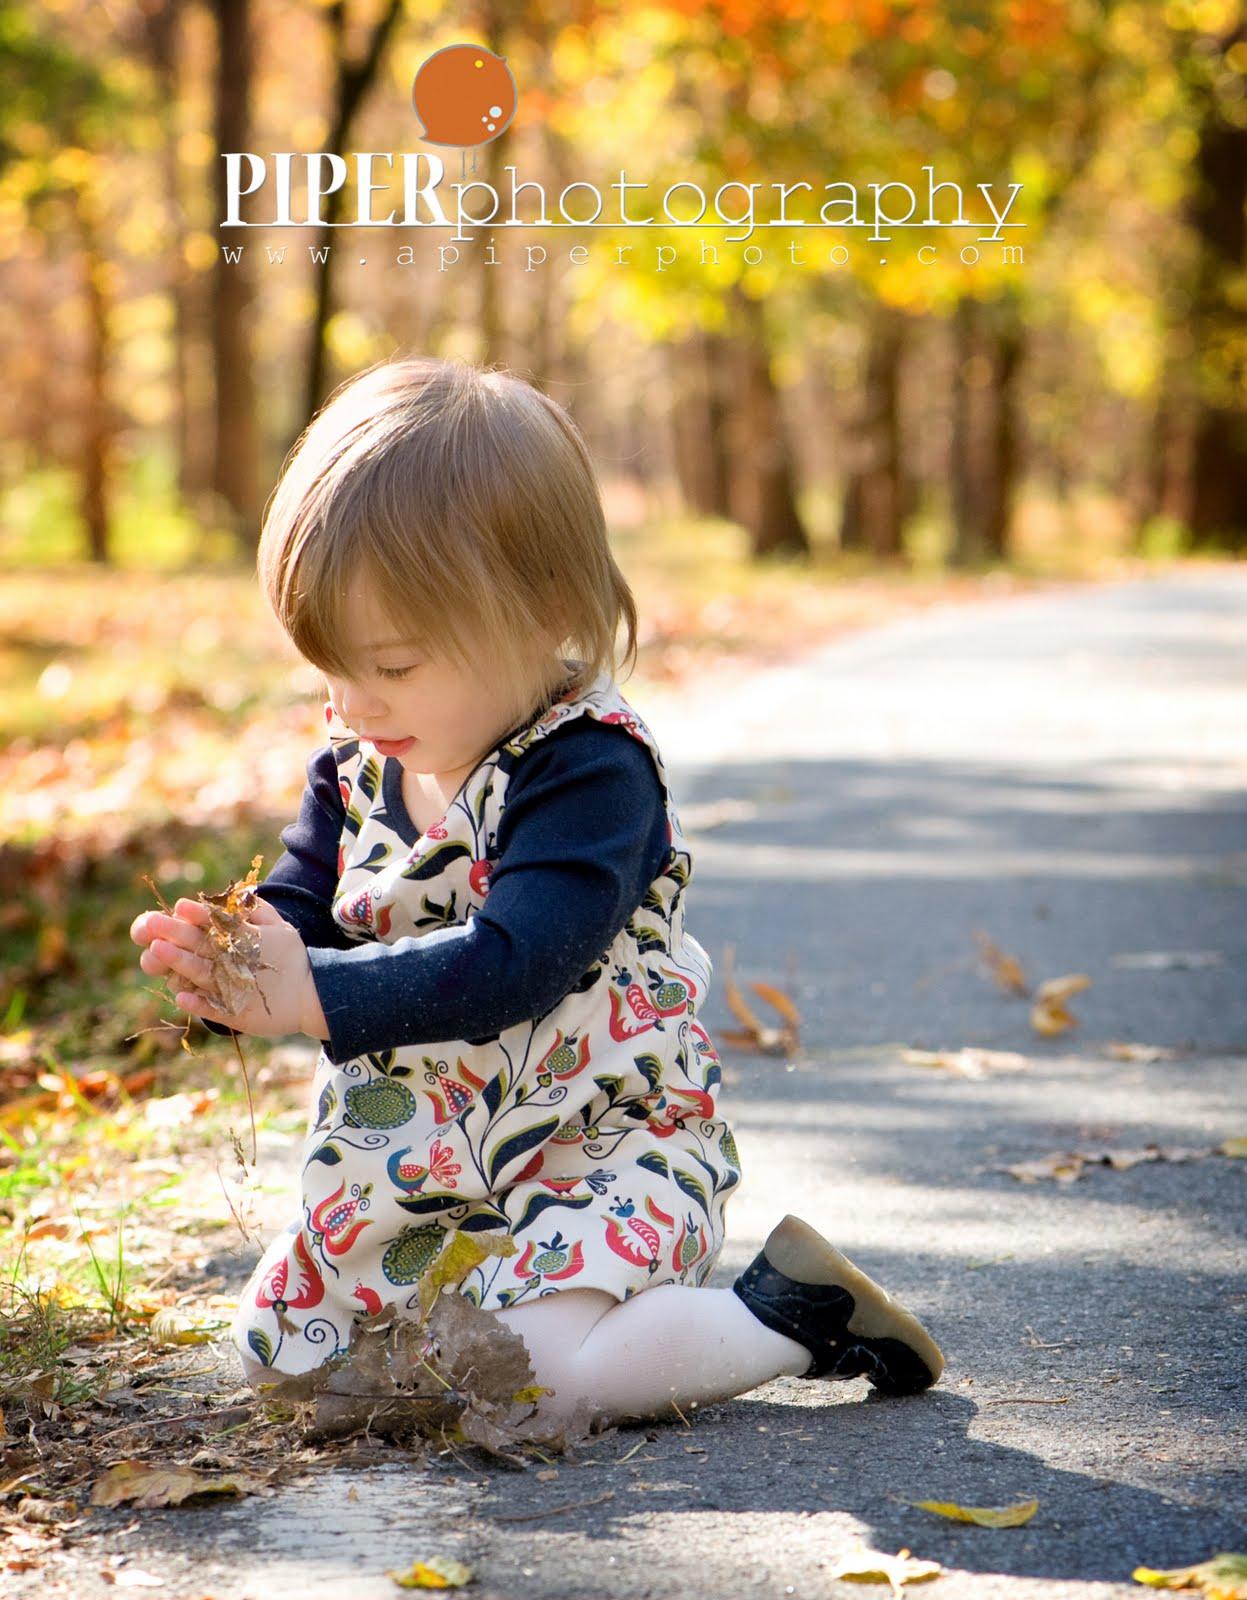 زیباترین عکس ها از بچه های ناز و مامانی برای موبایل